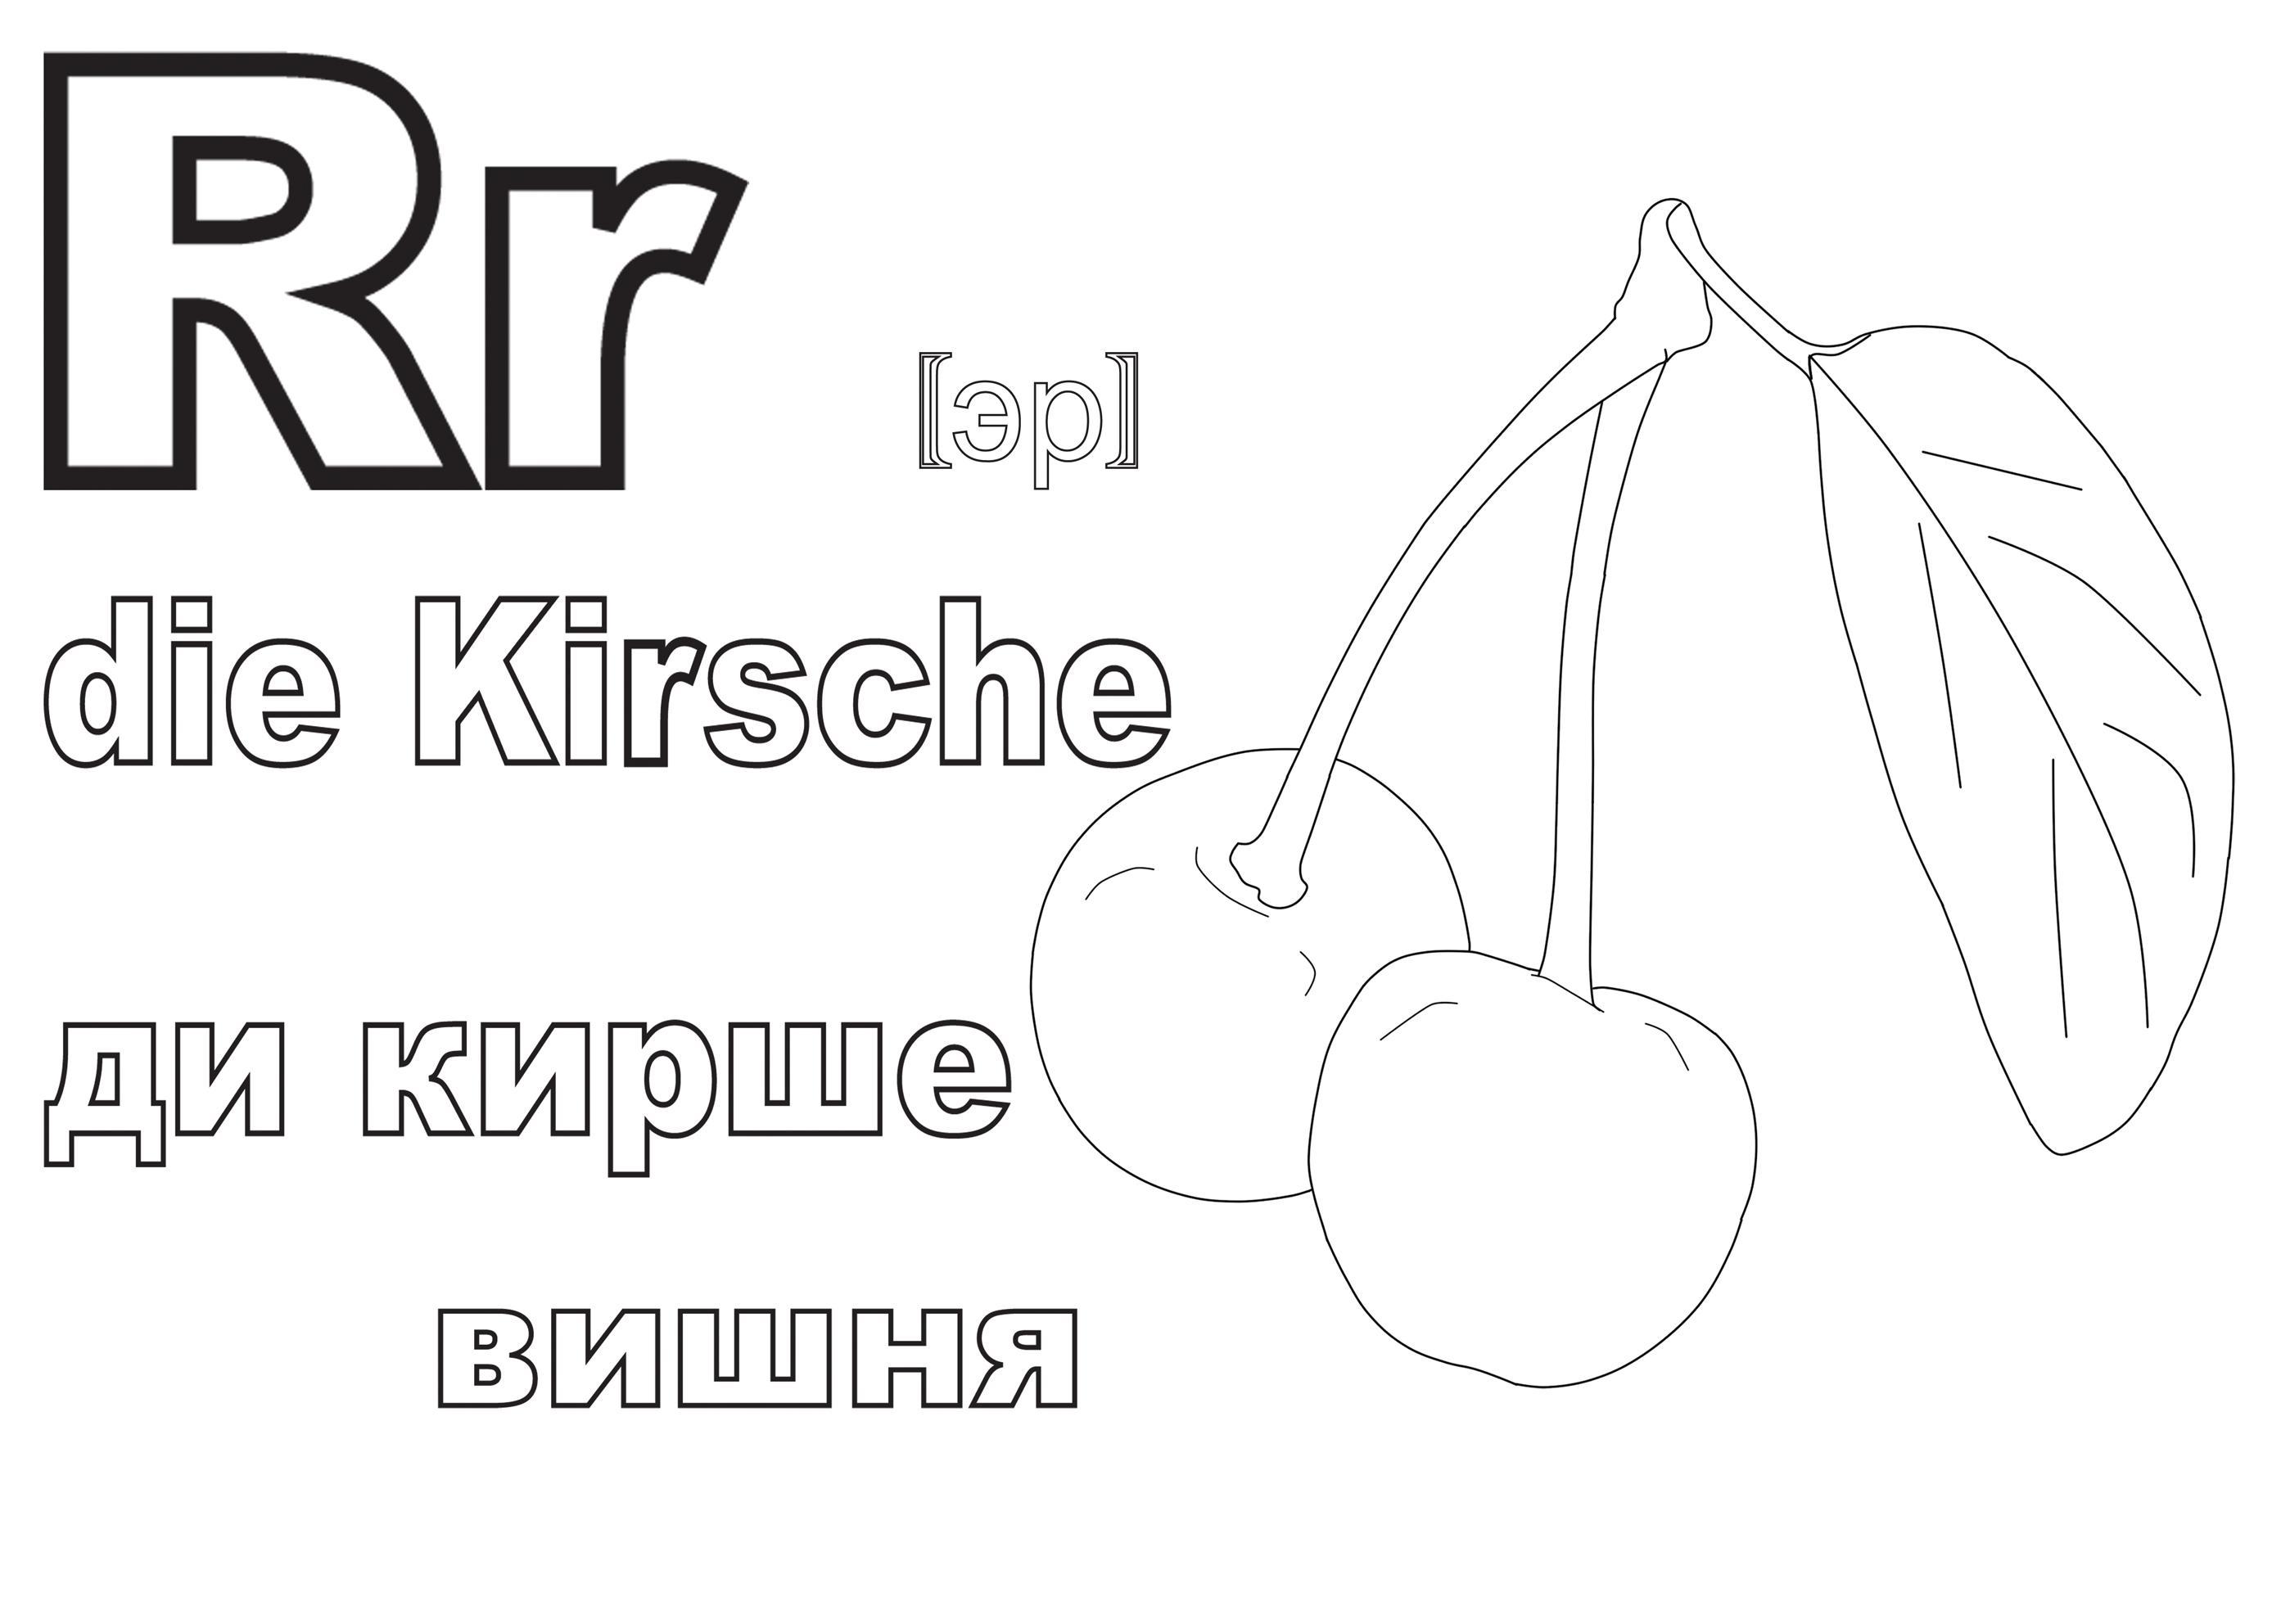 Немецкий алфавит в раскрасках, вишня, ди кирше